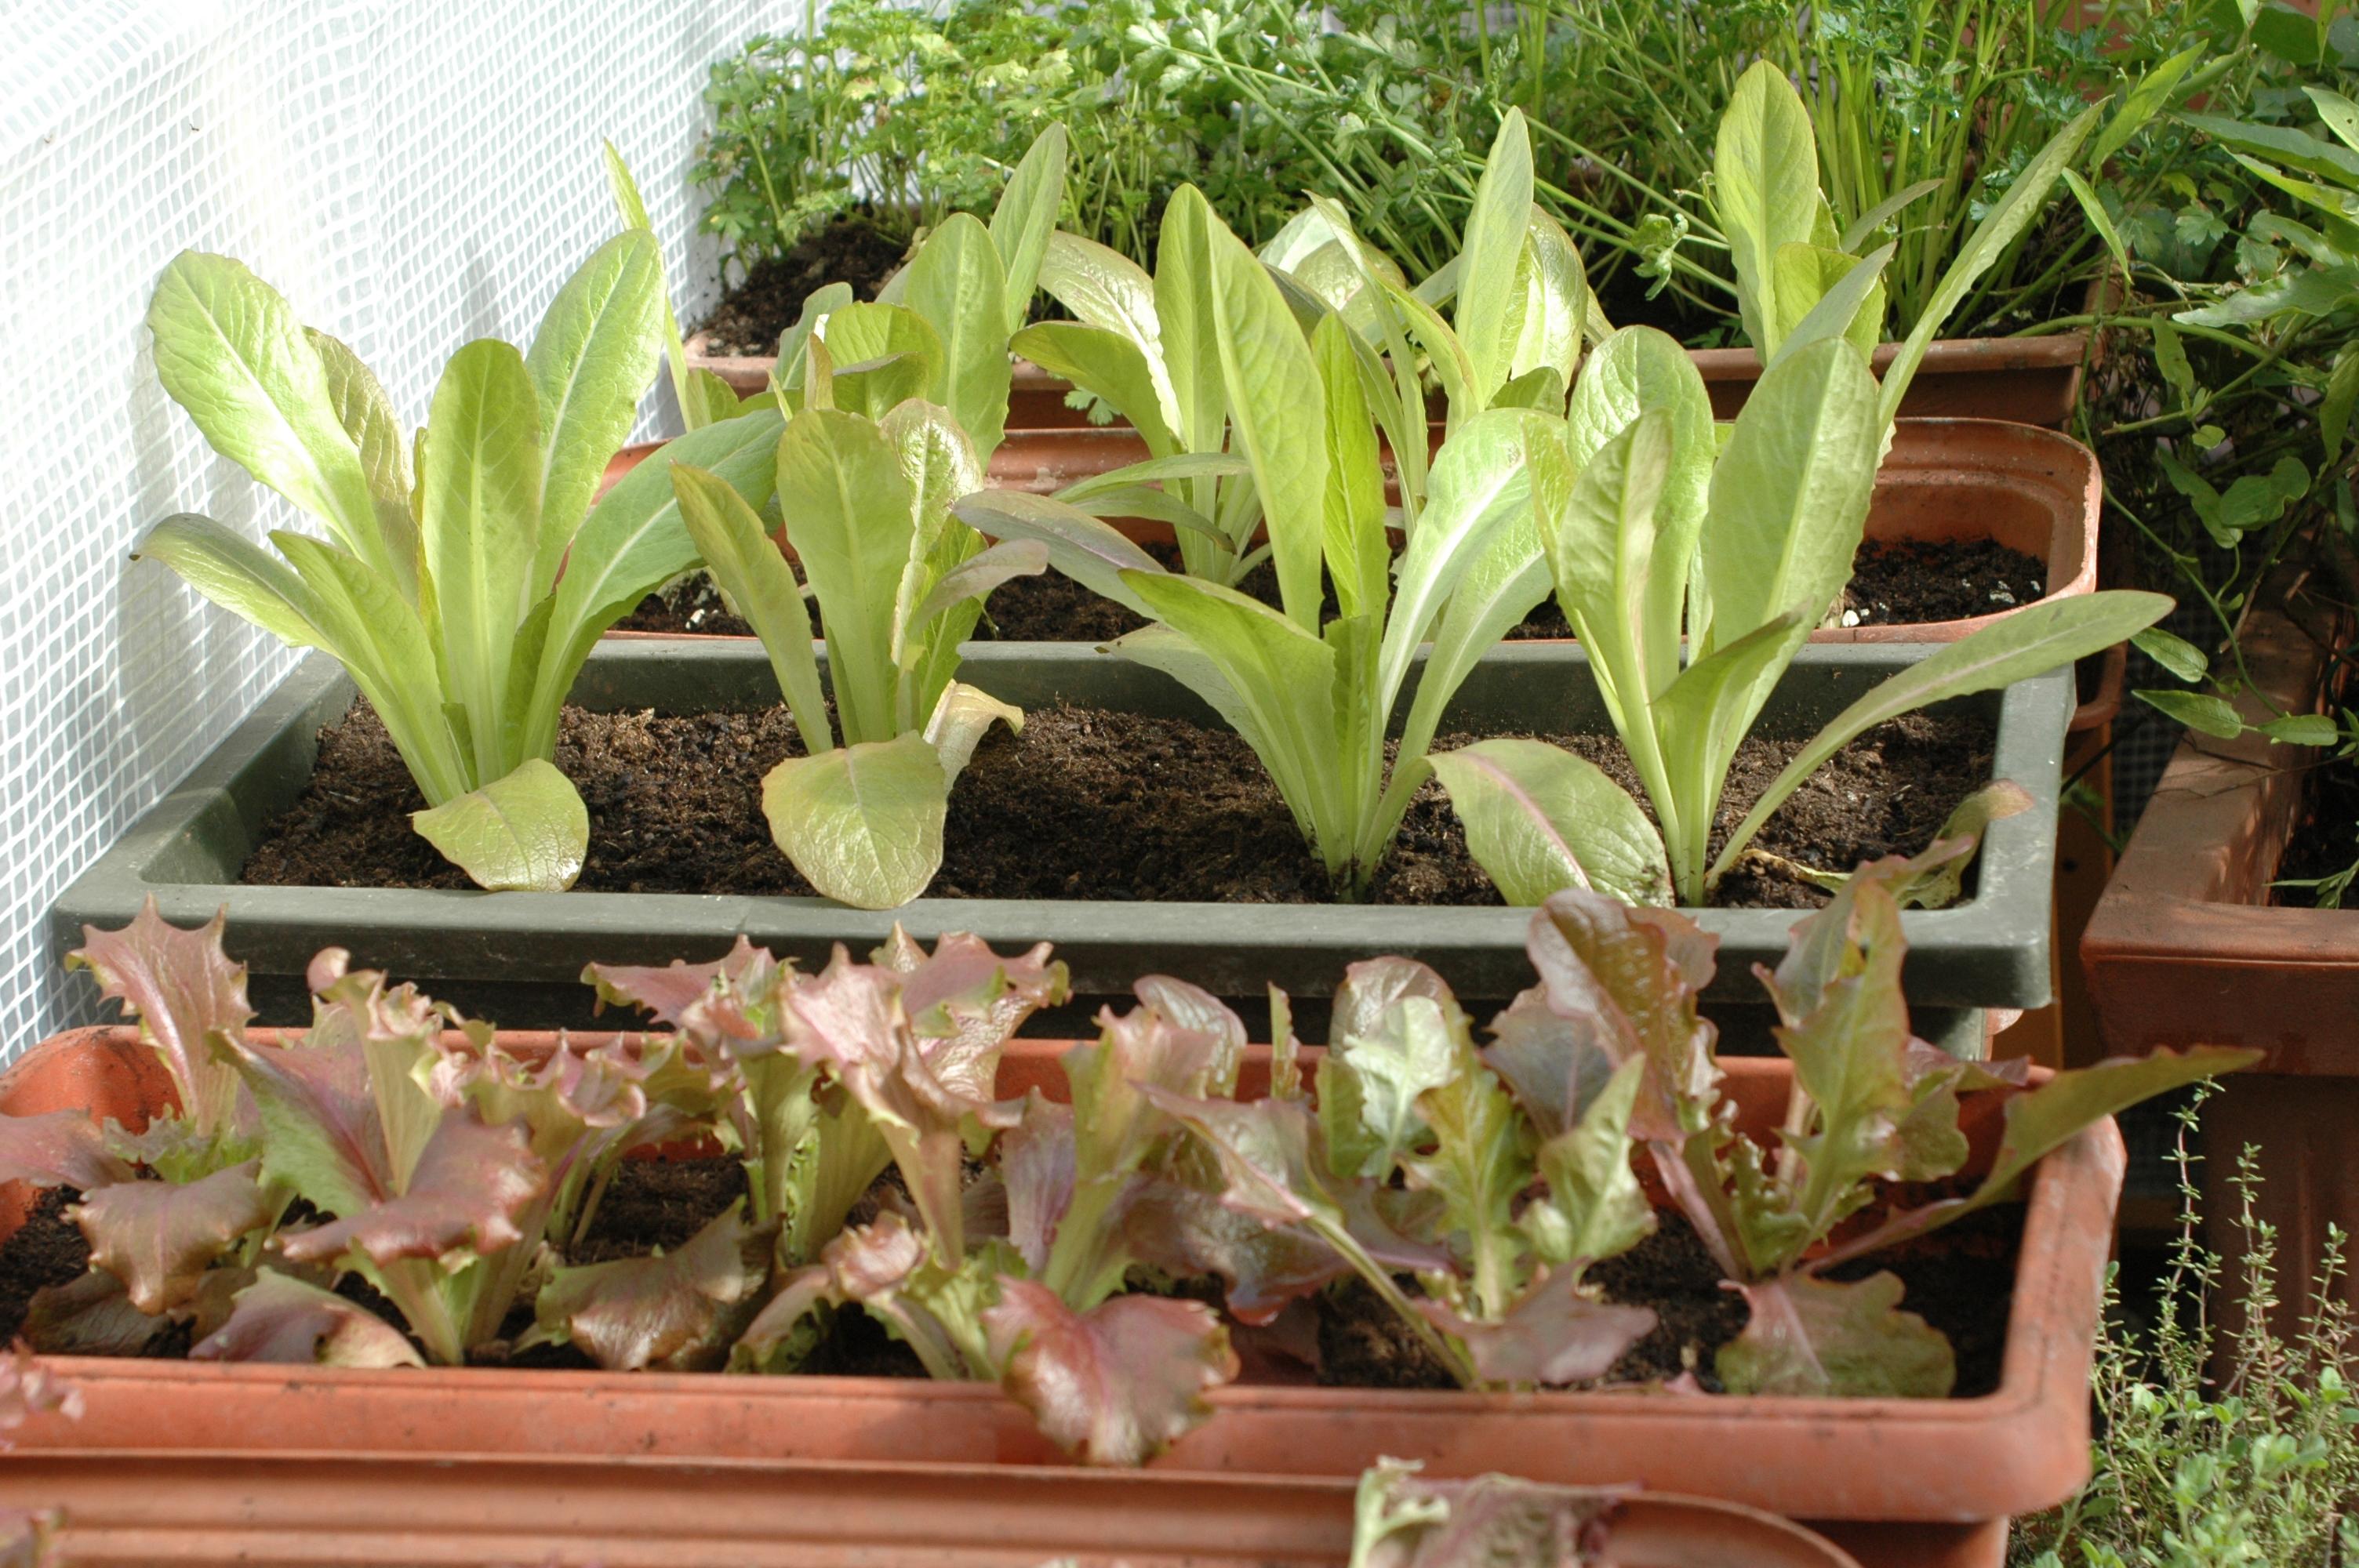 Coltivare il rosmarino in vaso - Dulcis in Fundo